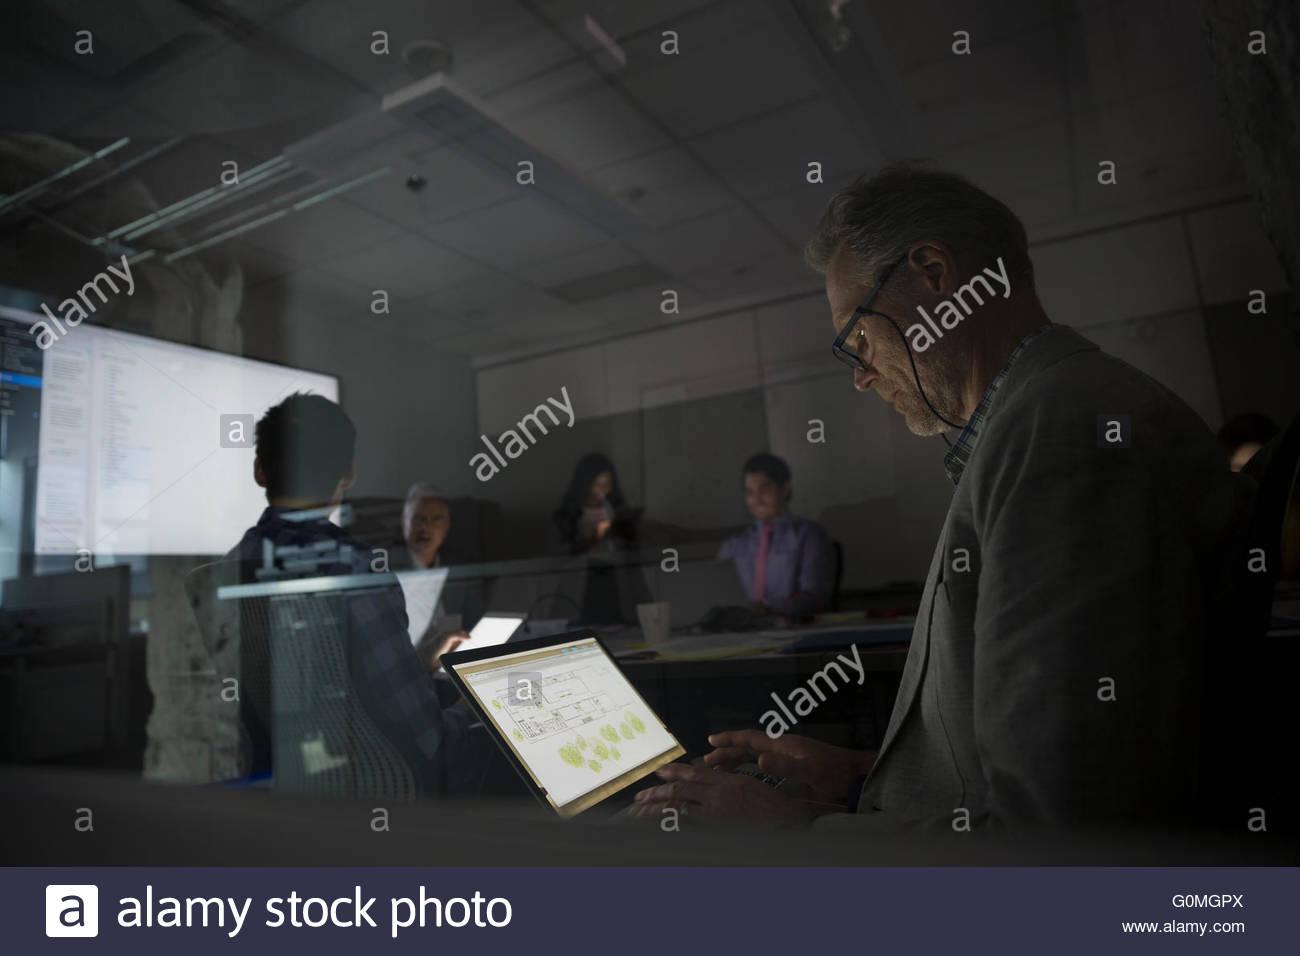 Architetto utilizzando laptop scuro sala conferenza incontro Immagini Stock